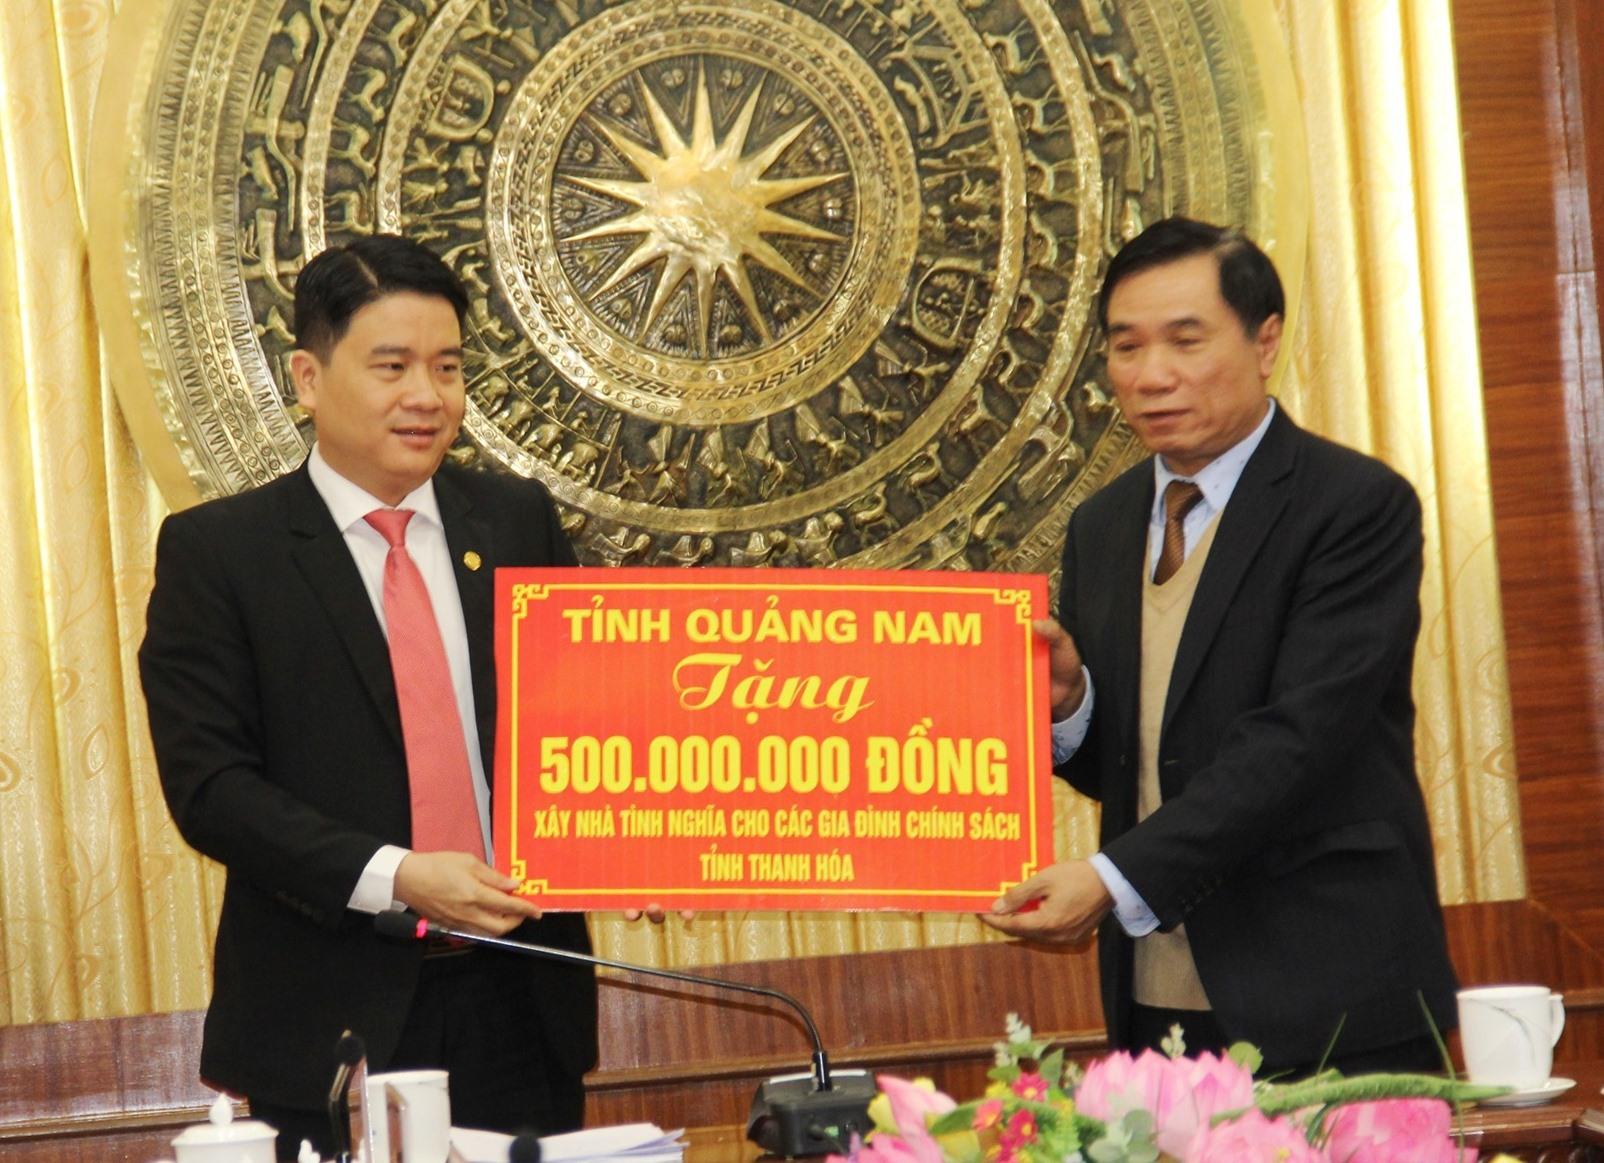 Hỗ trợ 500 triệu đồng giúp xây dựng nhà tình nghĩa tại Thanh Hóa. Ảnh: A.N